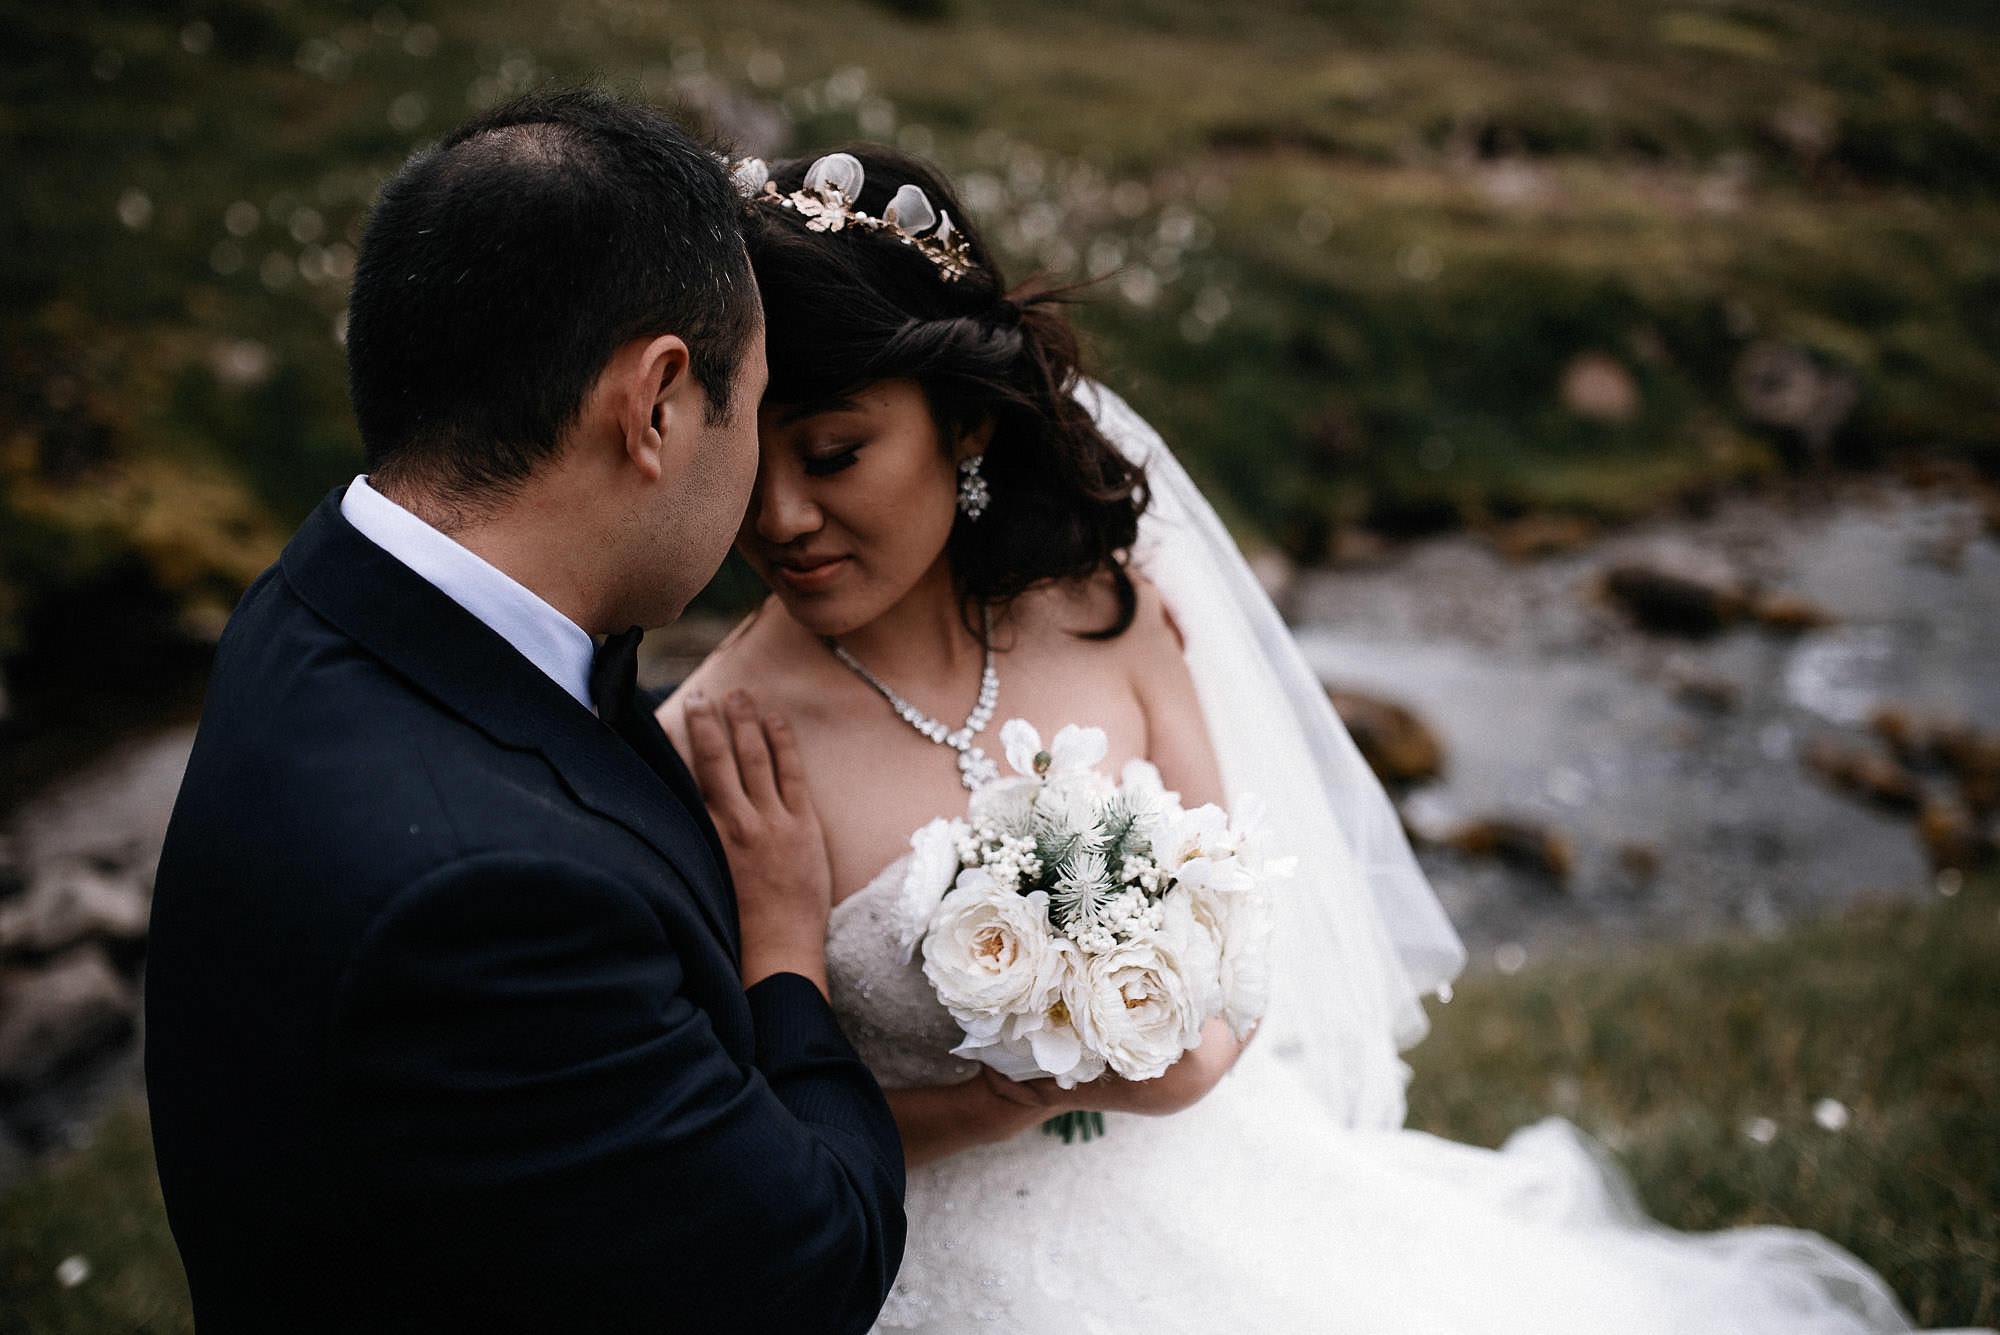 iceland-wedding-photographer_jere-satamo_photography-reykjavik-025.jpg